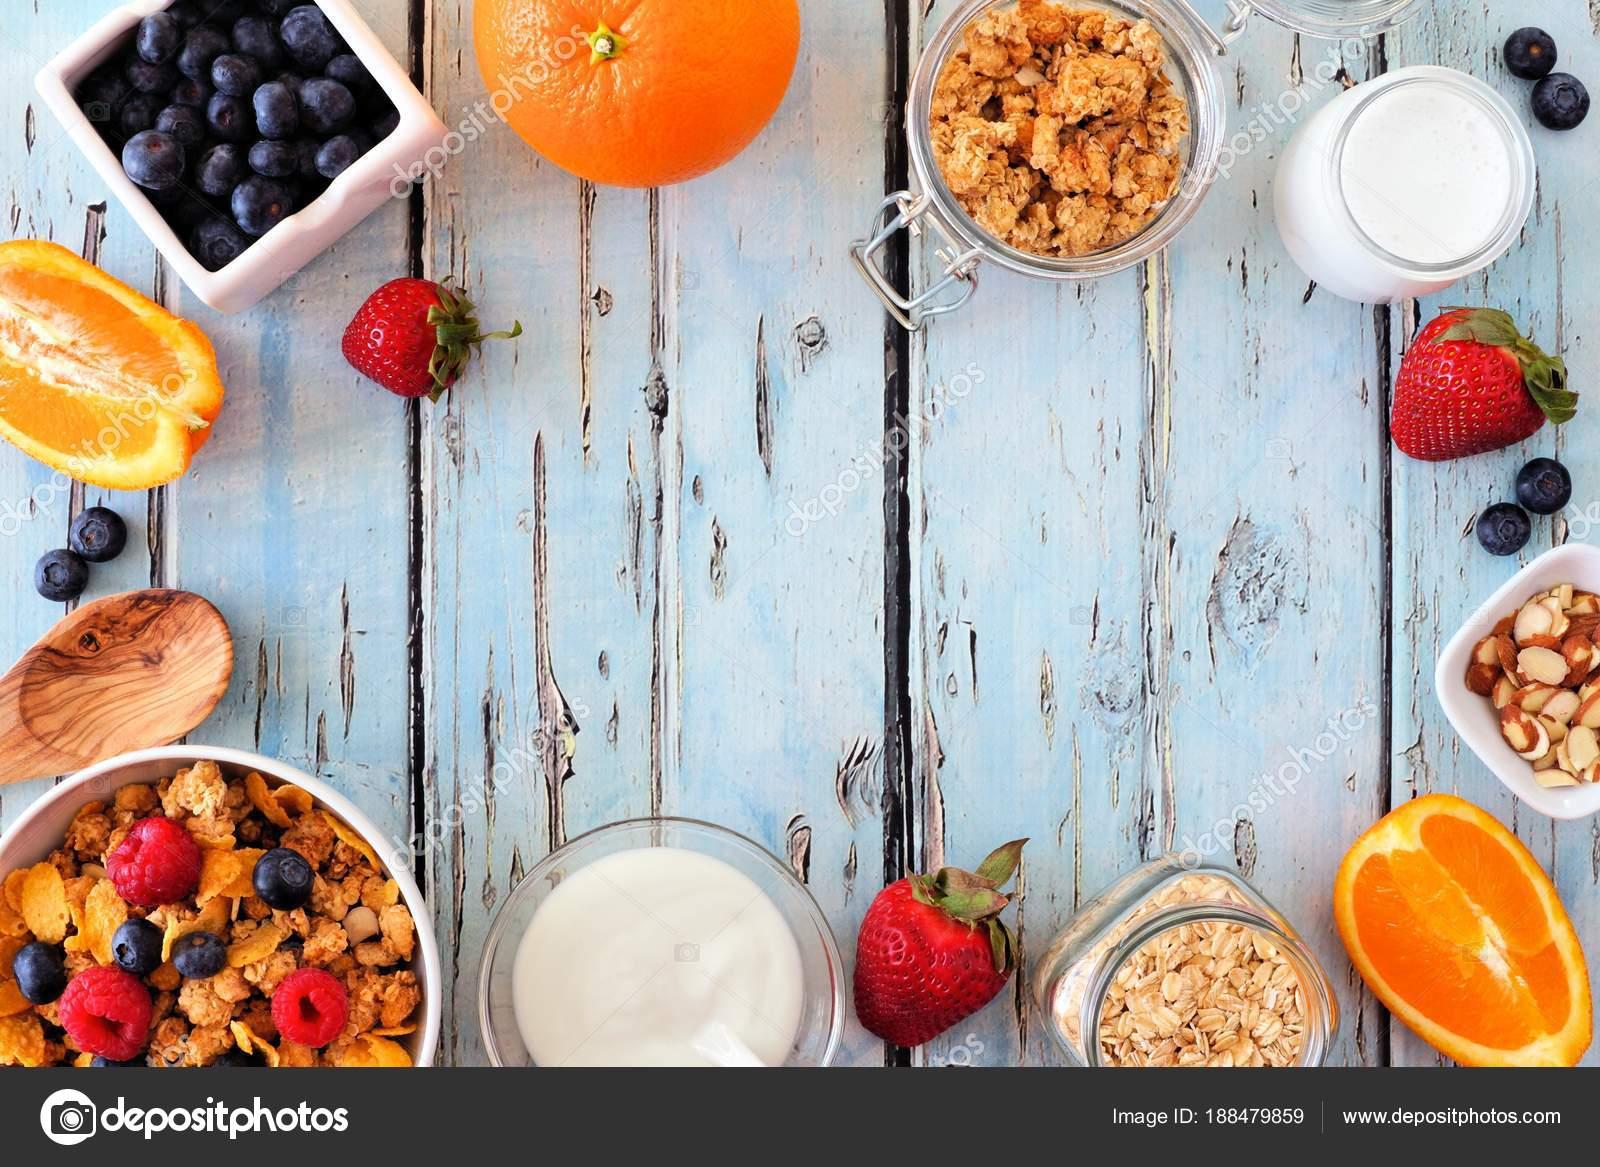 Cereal Ingredients Healthy Breakfast Forming Frame Blue Wood ...